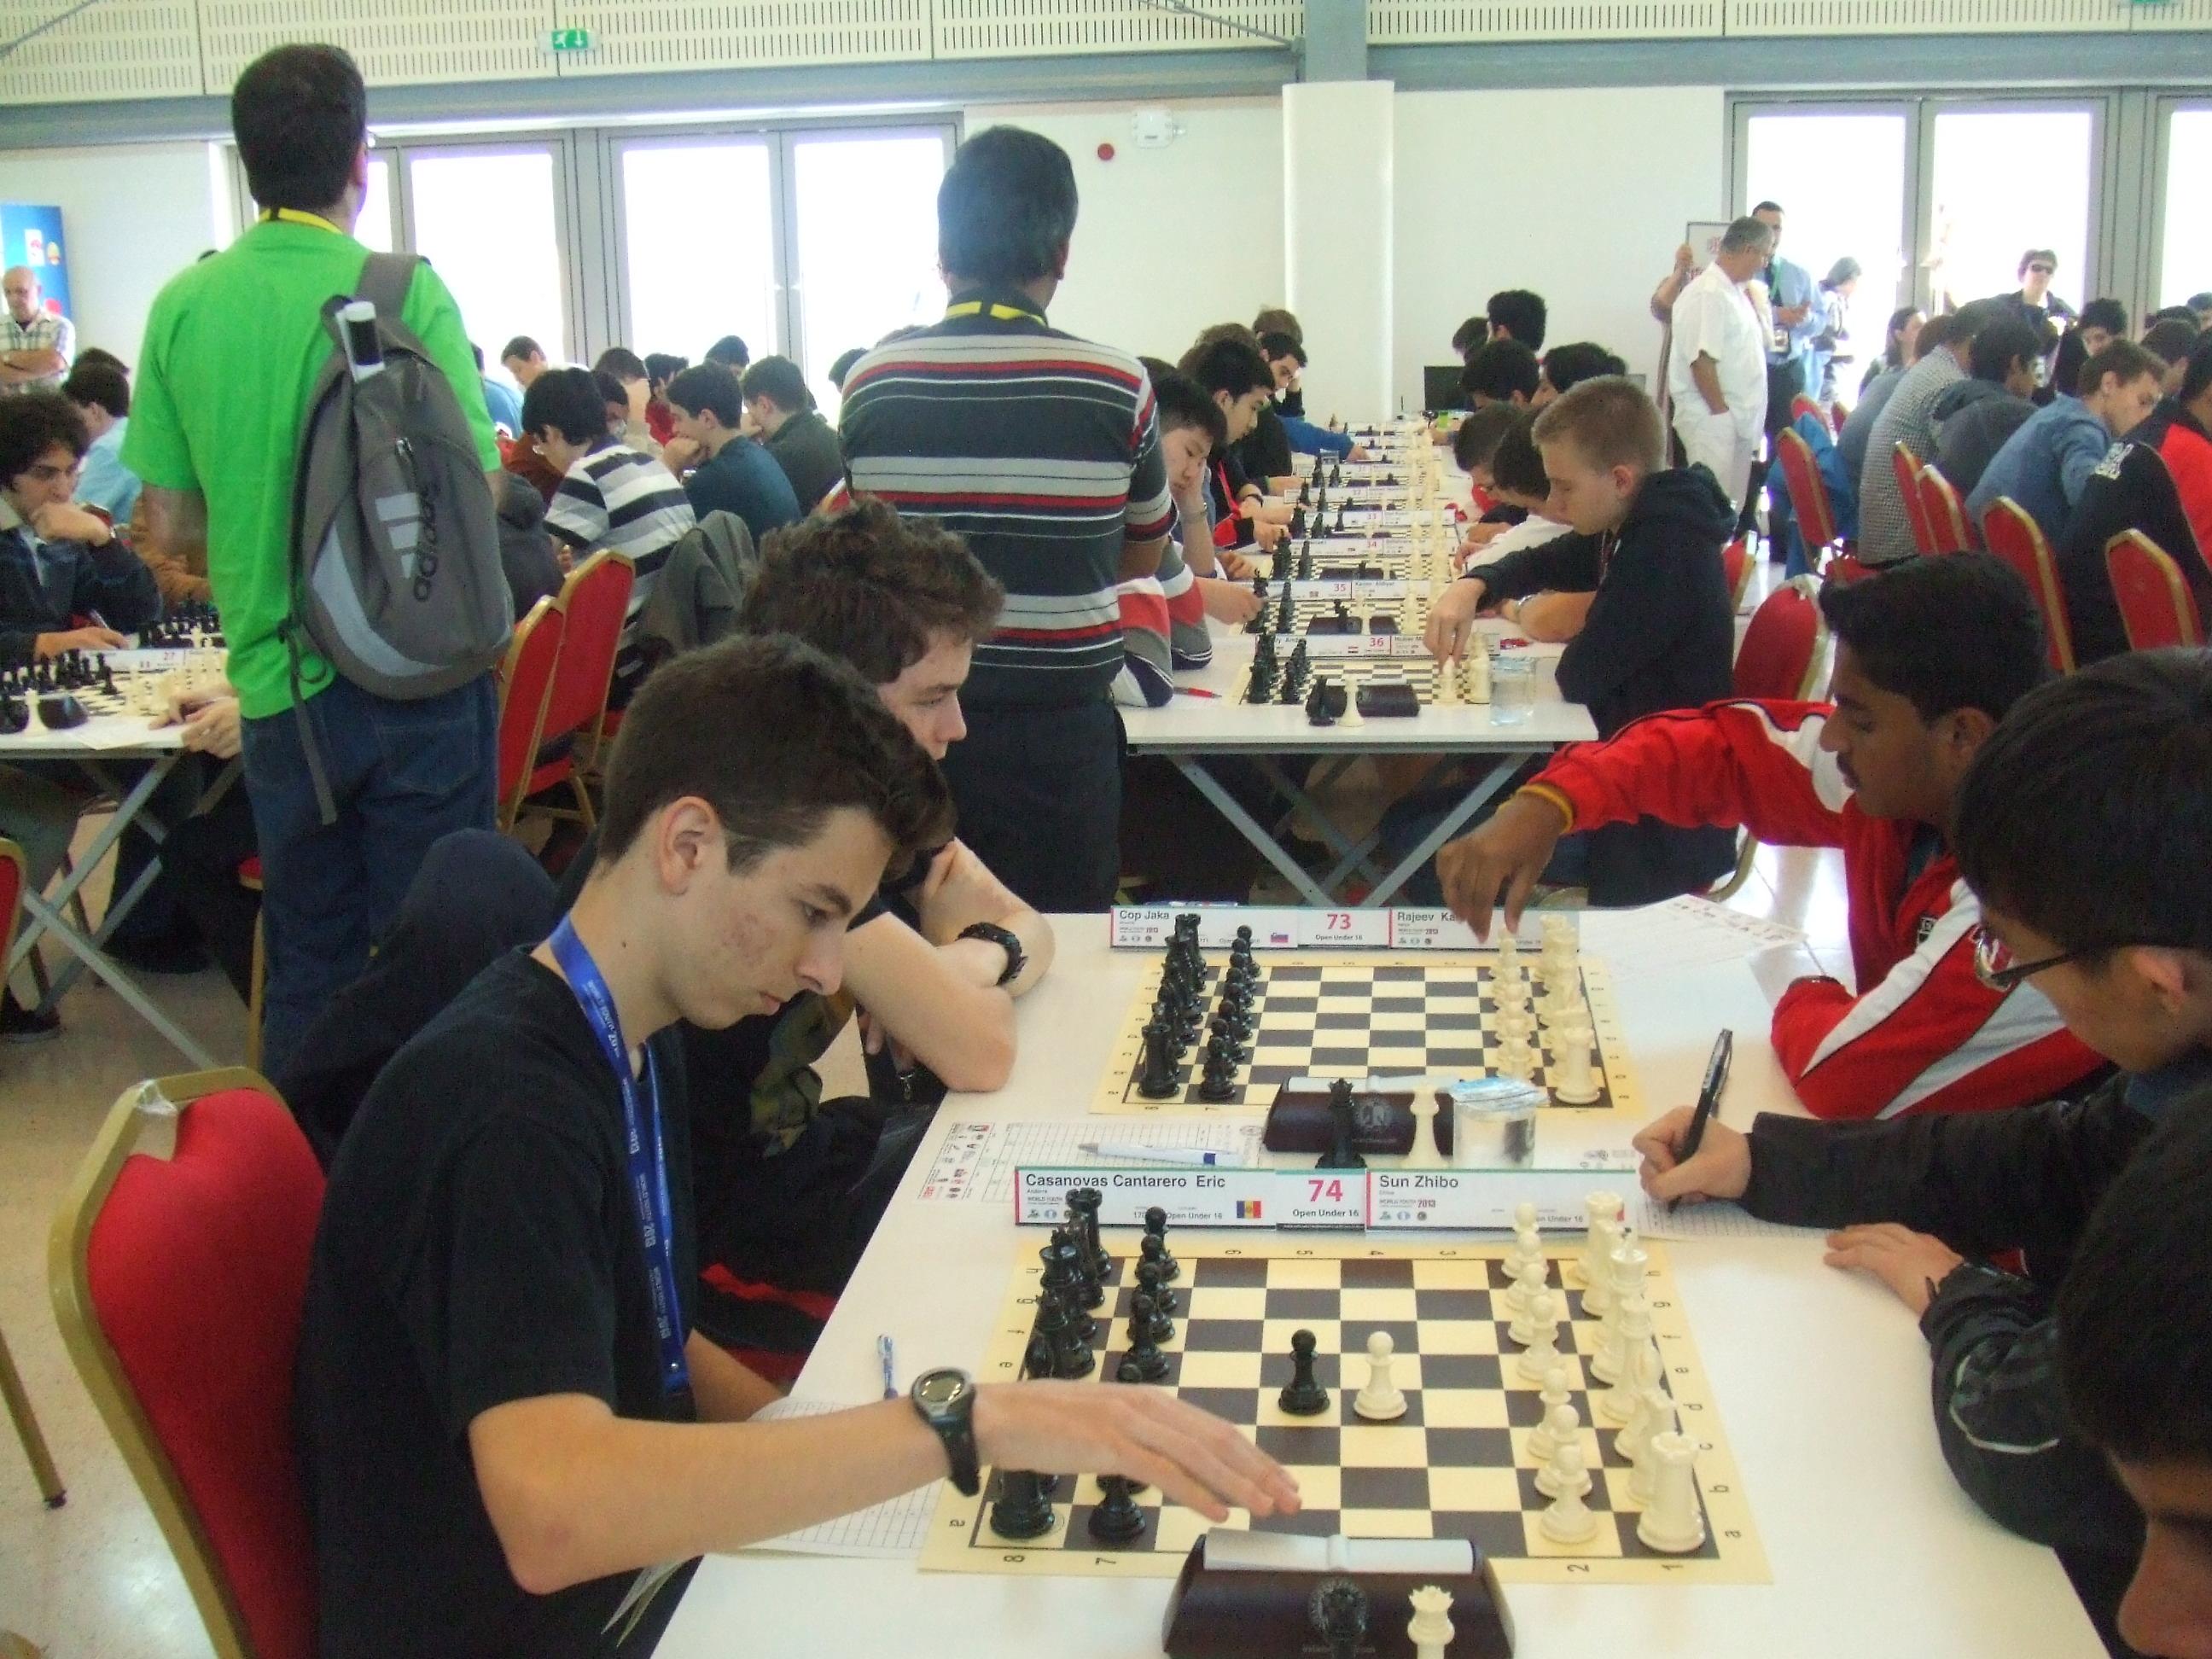 2013 Campionat del Món per edats – R8